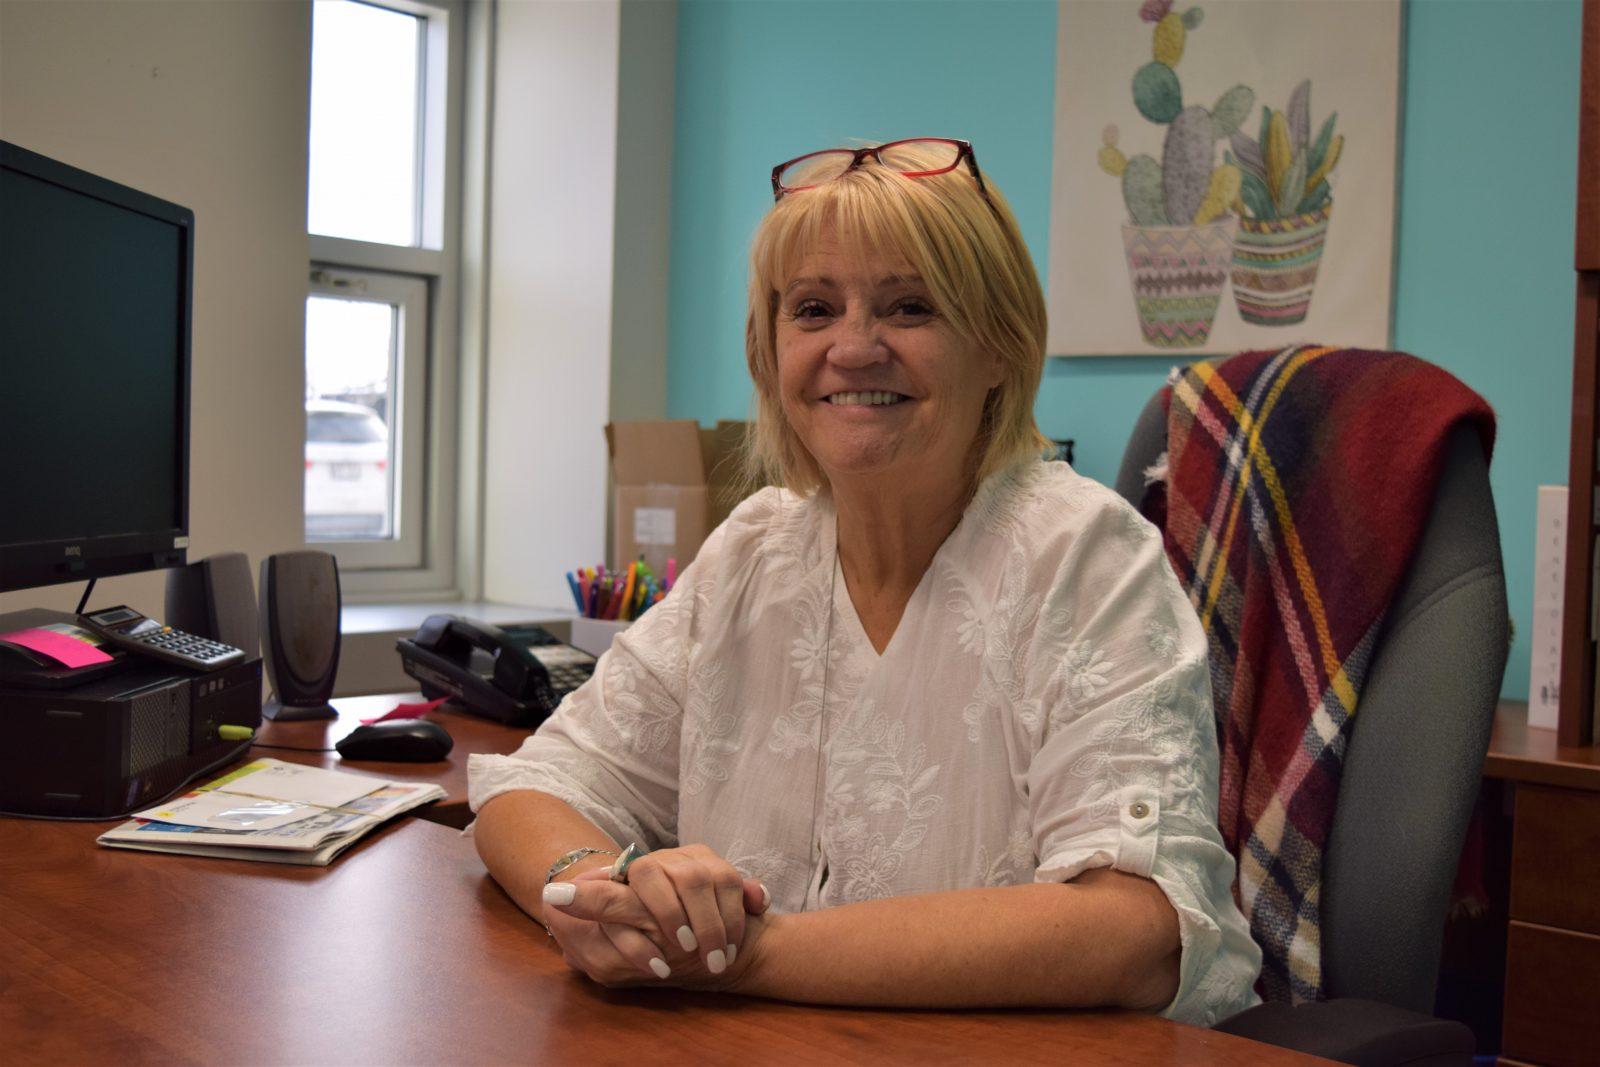 Présidente de Richelieu International: Monique Banville veut redonner à la jeunesse